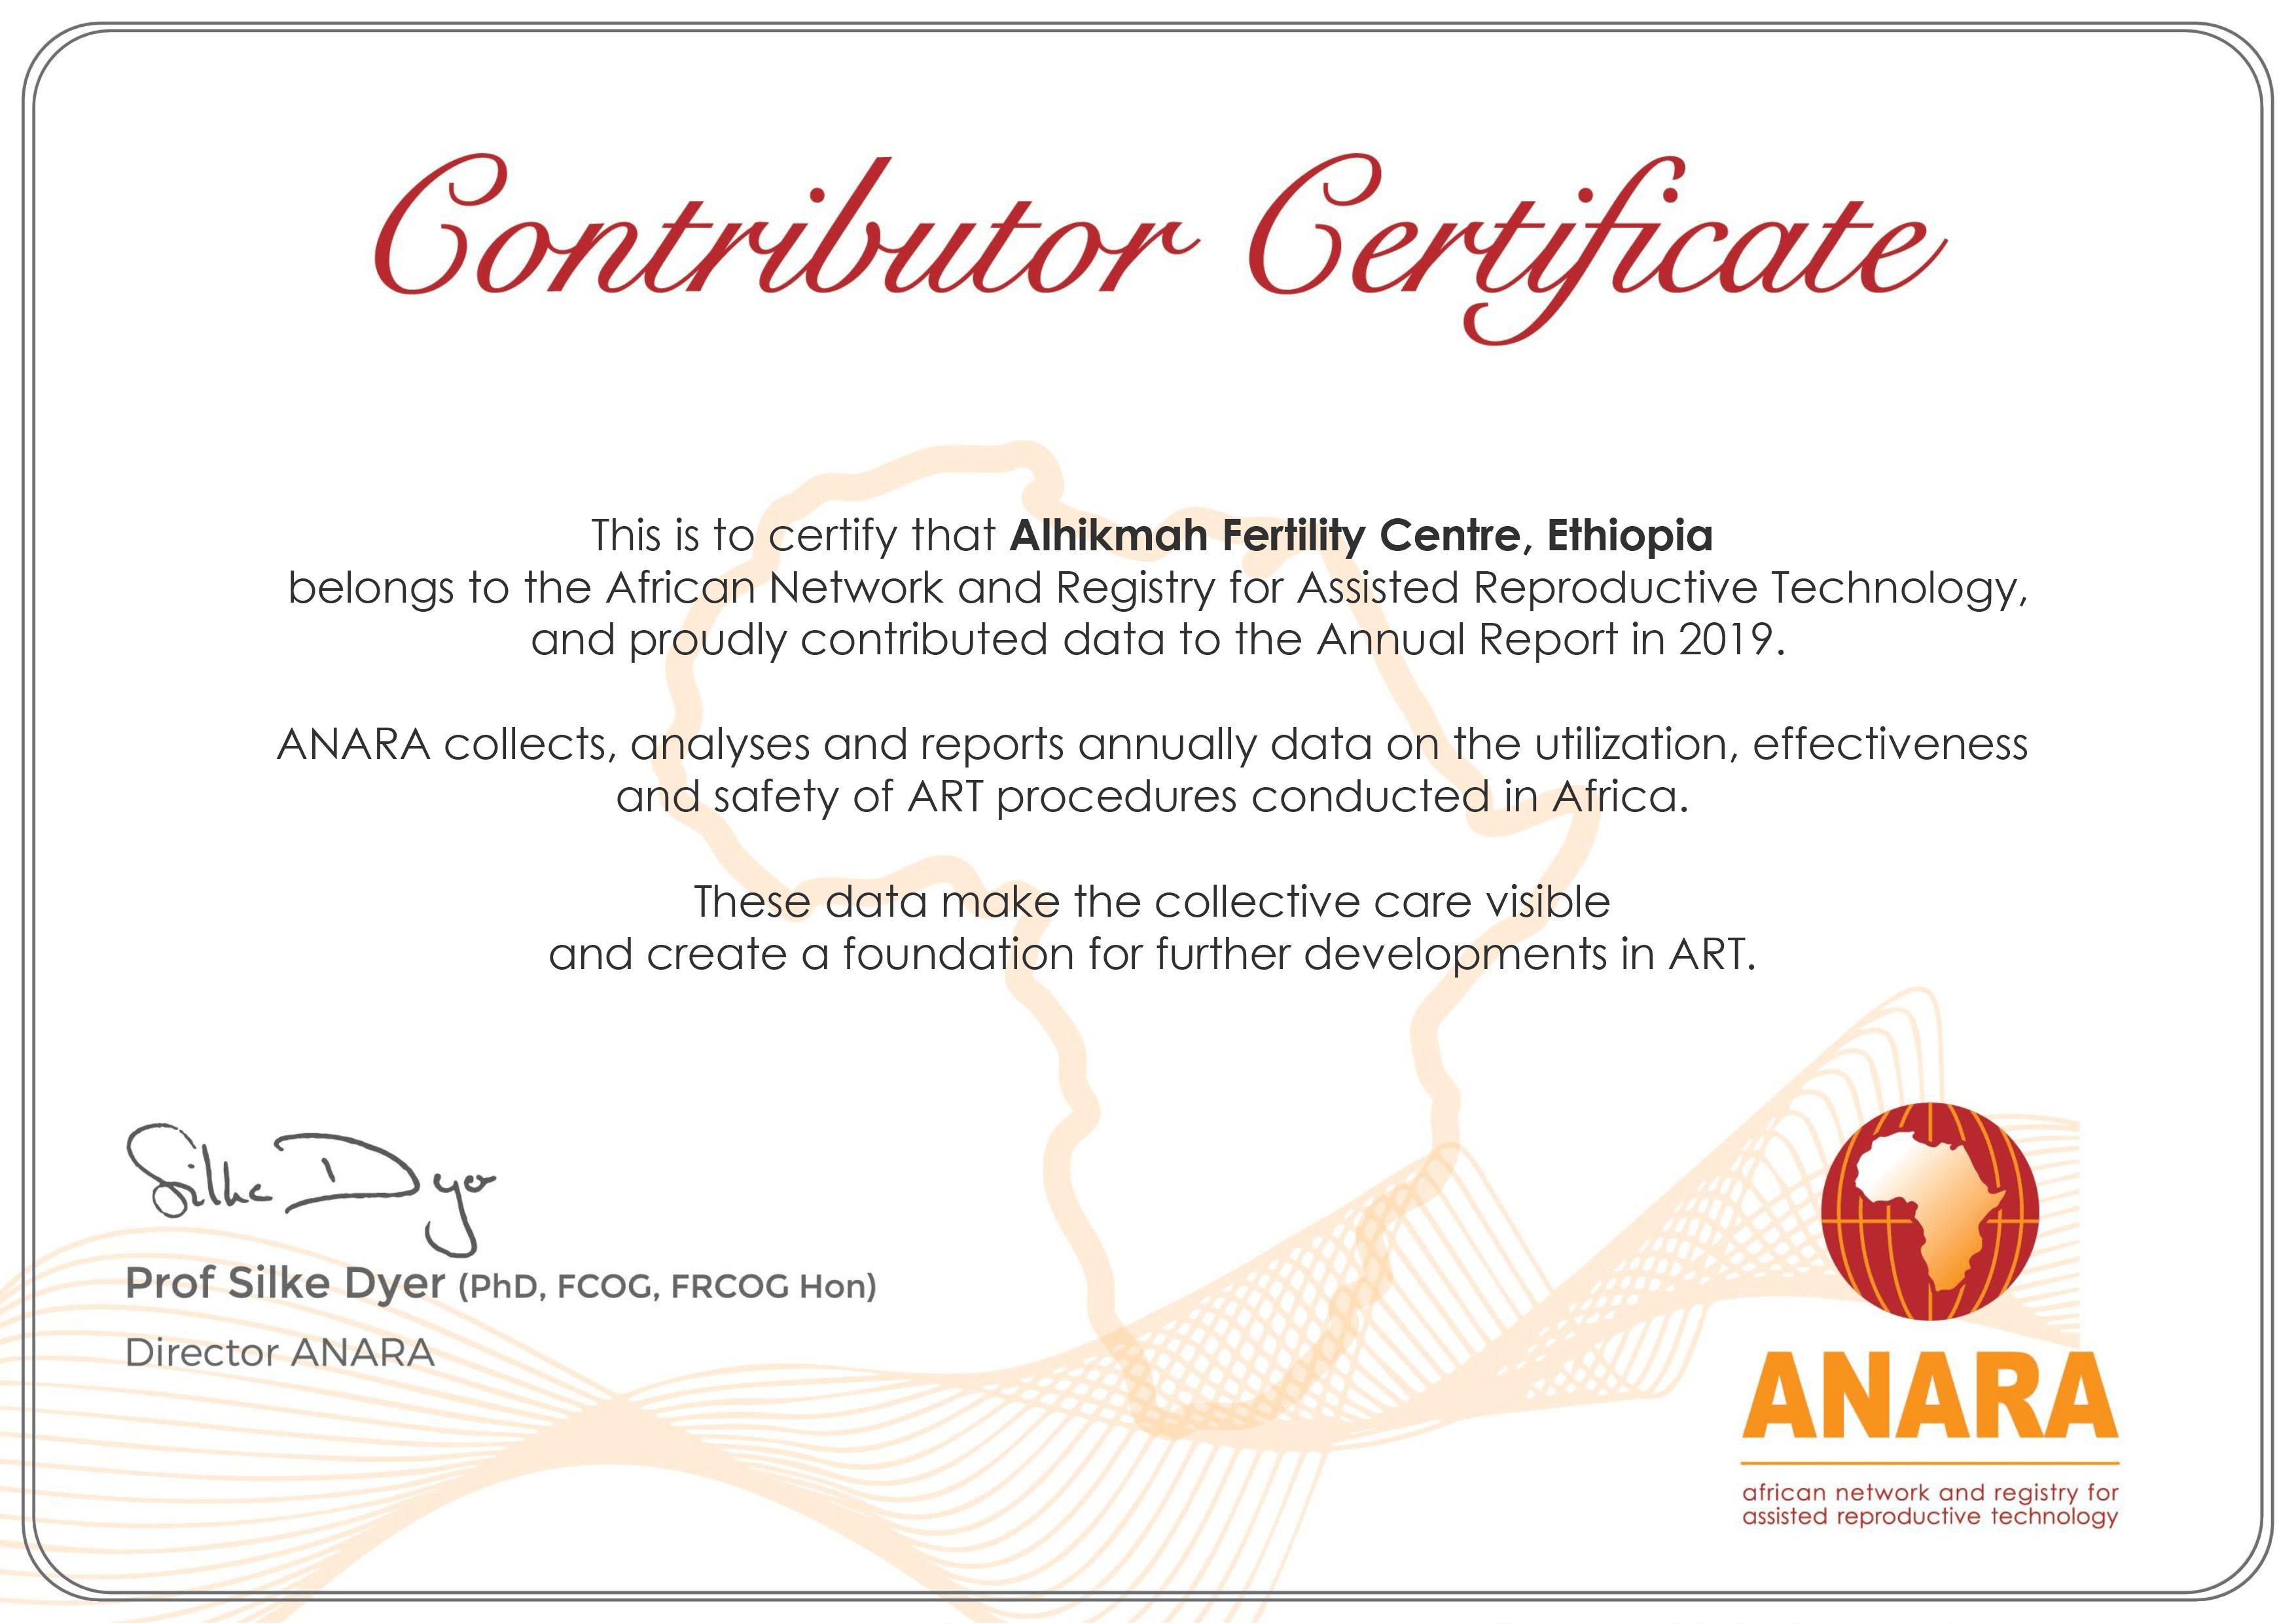 ANARA-Certificate-Alhikmah-Fertility-Centre